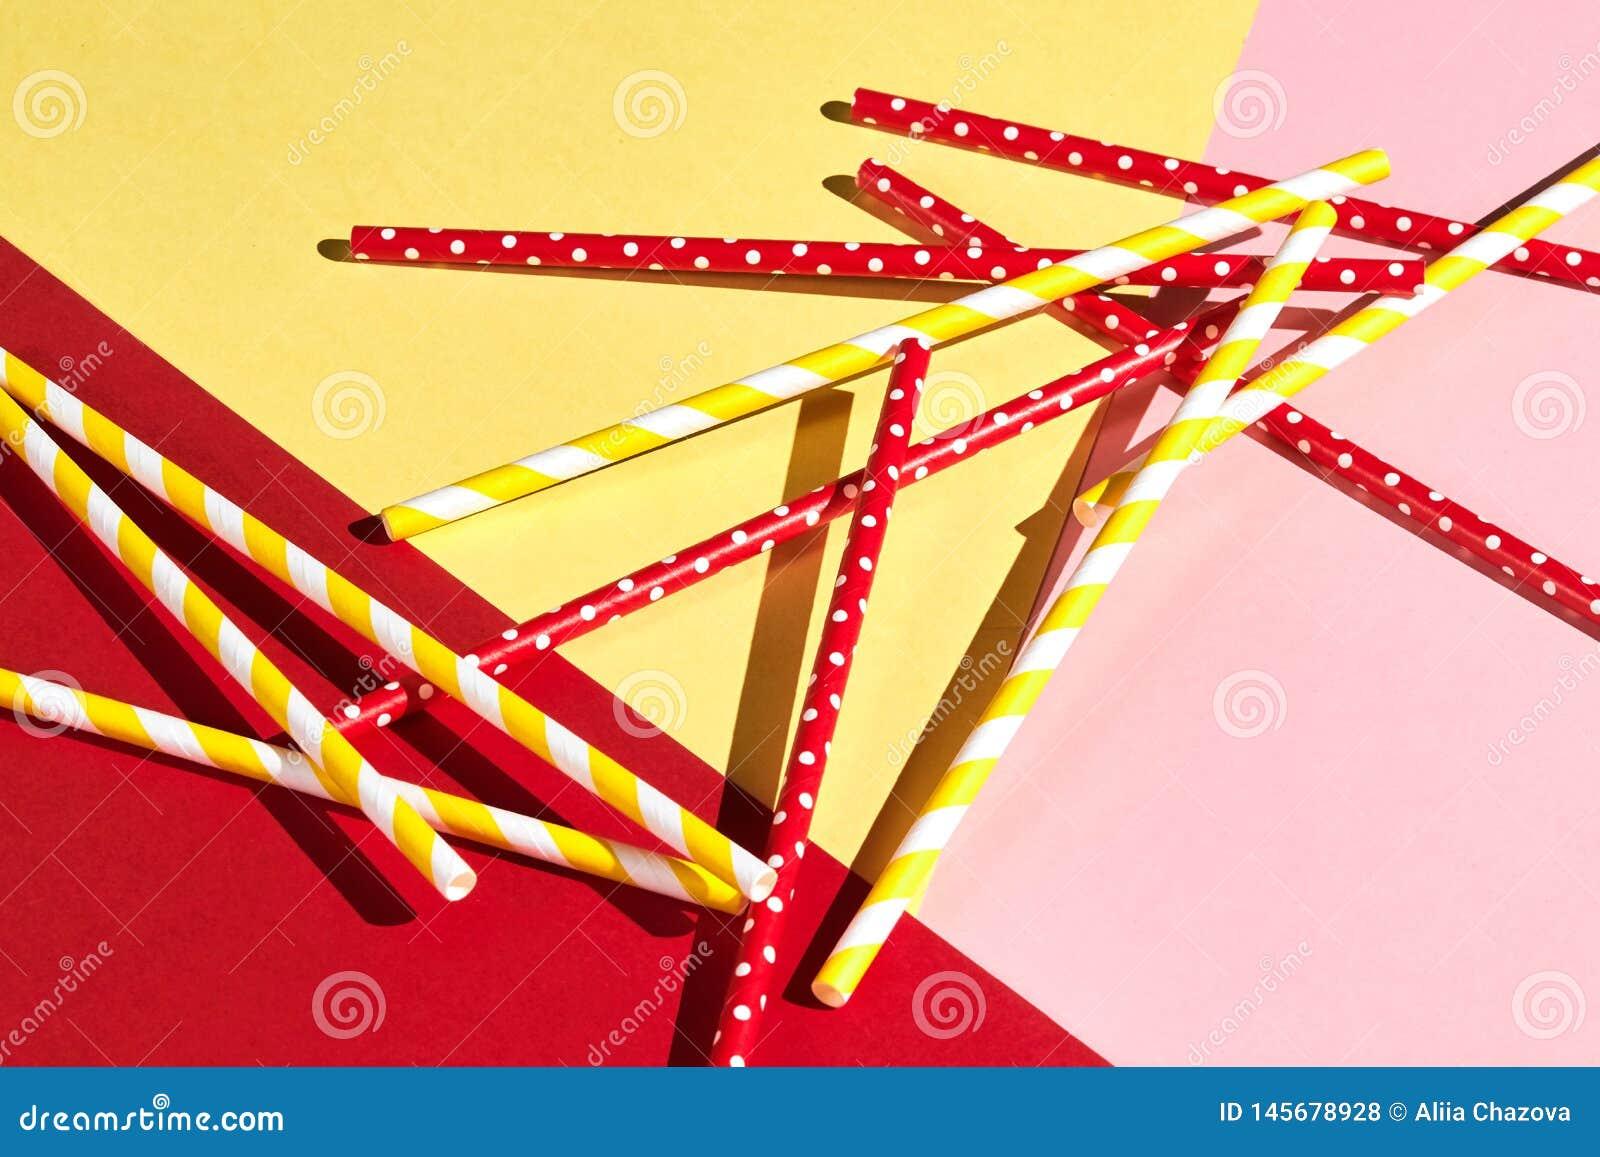 Palhas bebendo plásticas coloridas isoladas sobre o rosa, fundo amarelo, vermelho